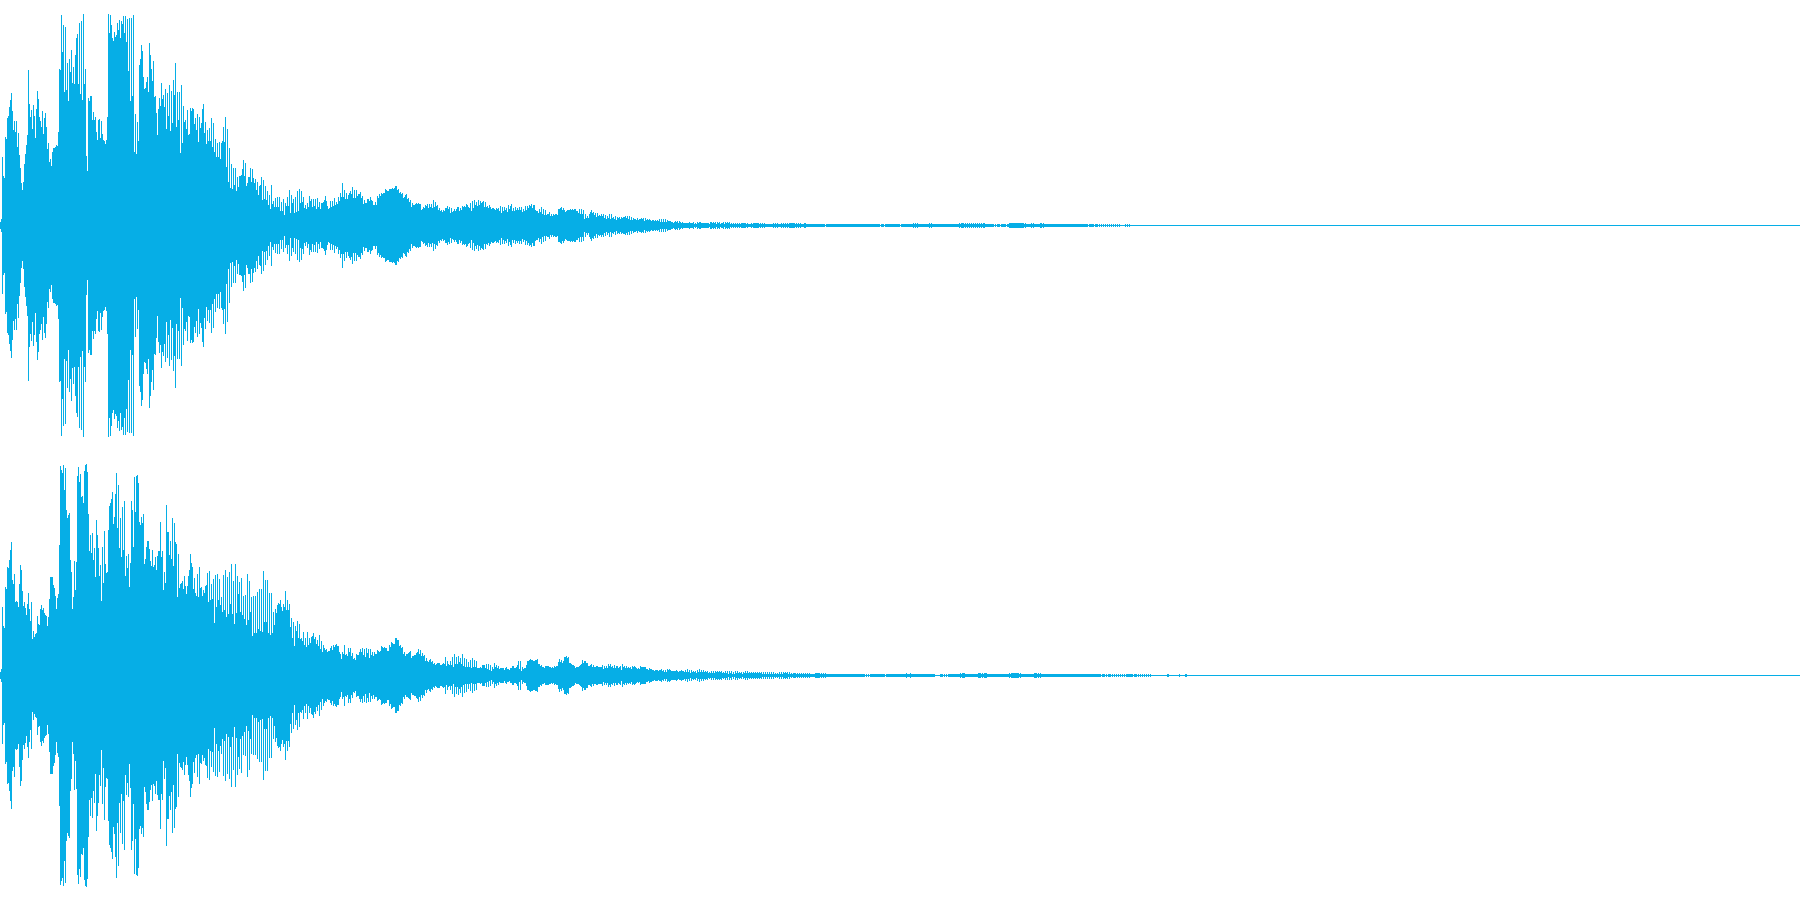 ピコン 雫のような瑞々しいボタン音の再生済みの波形